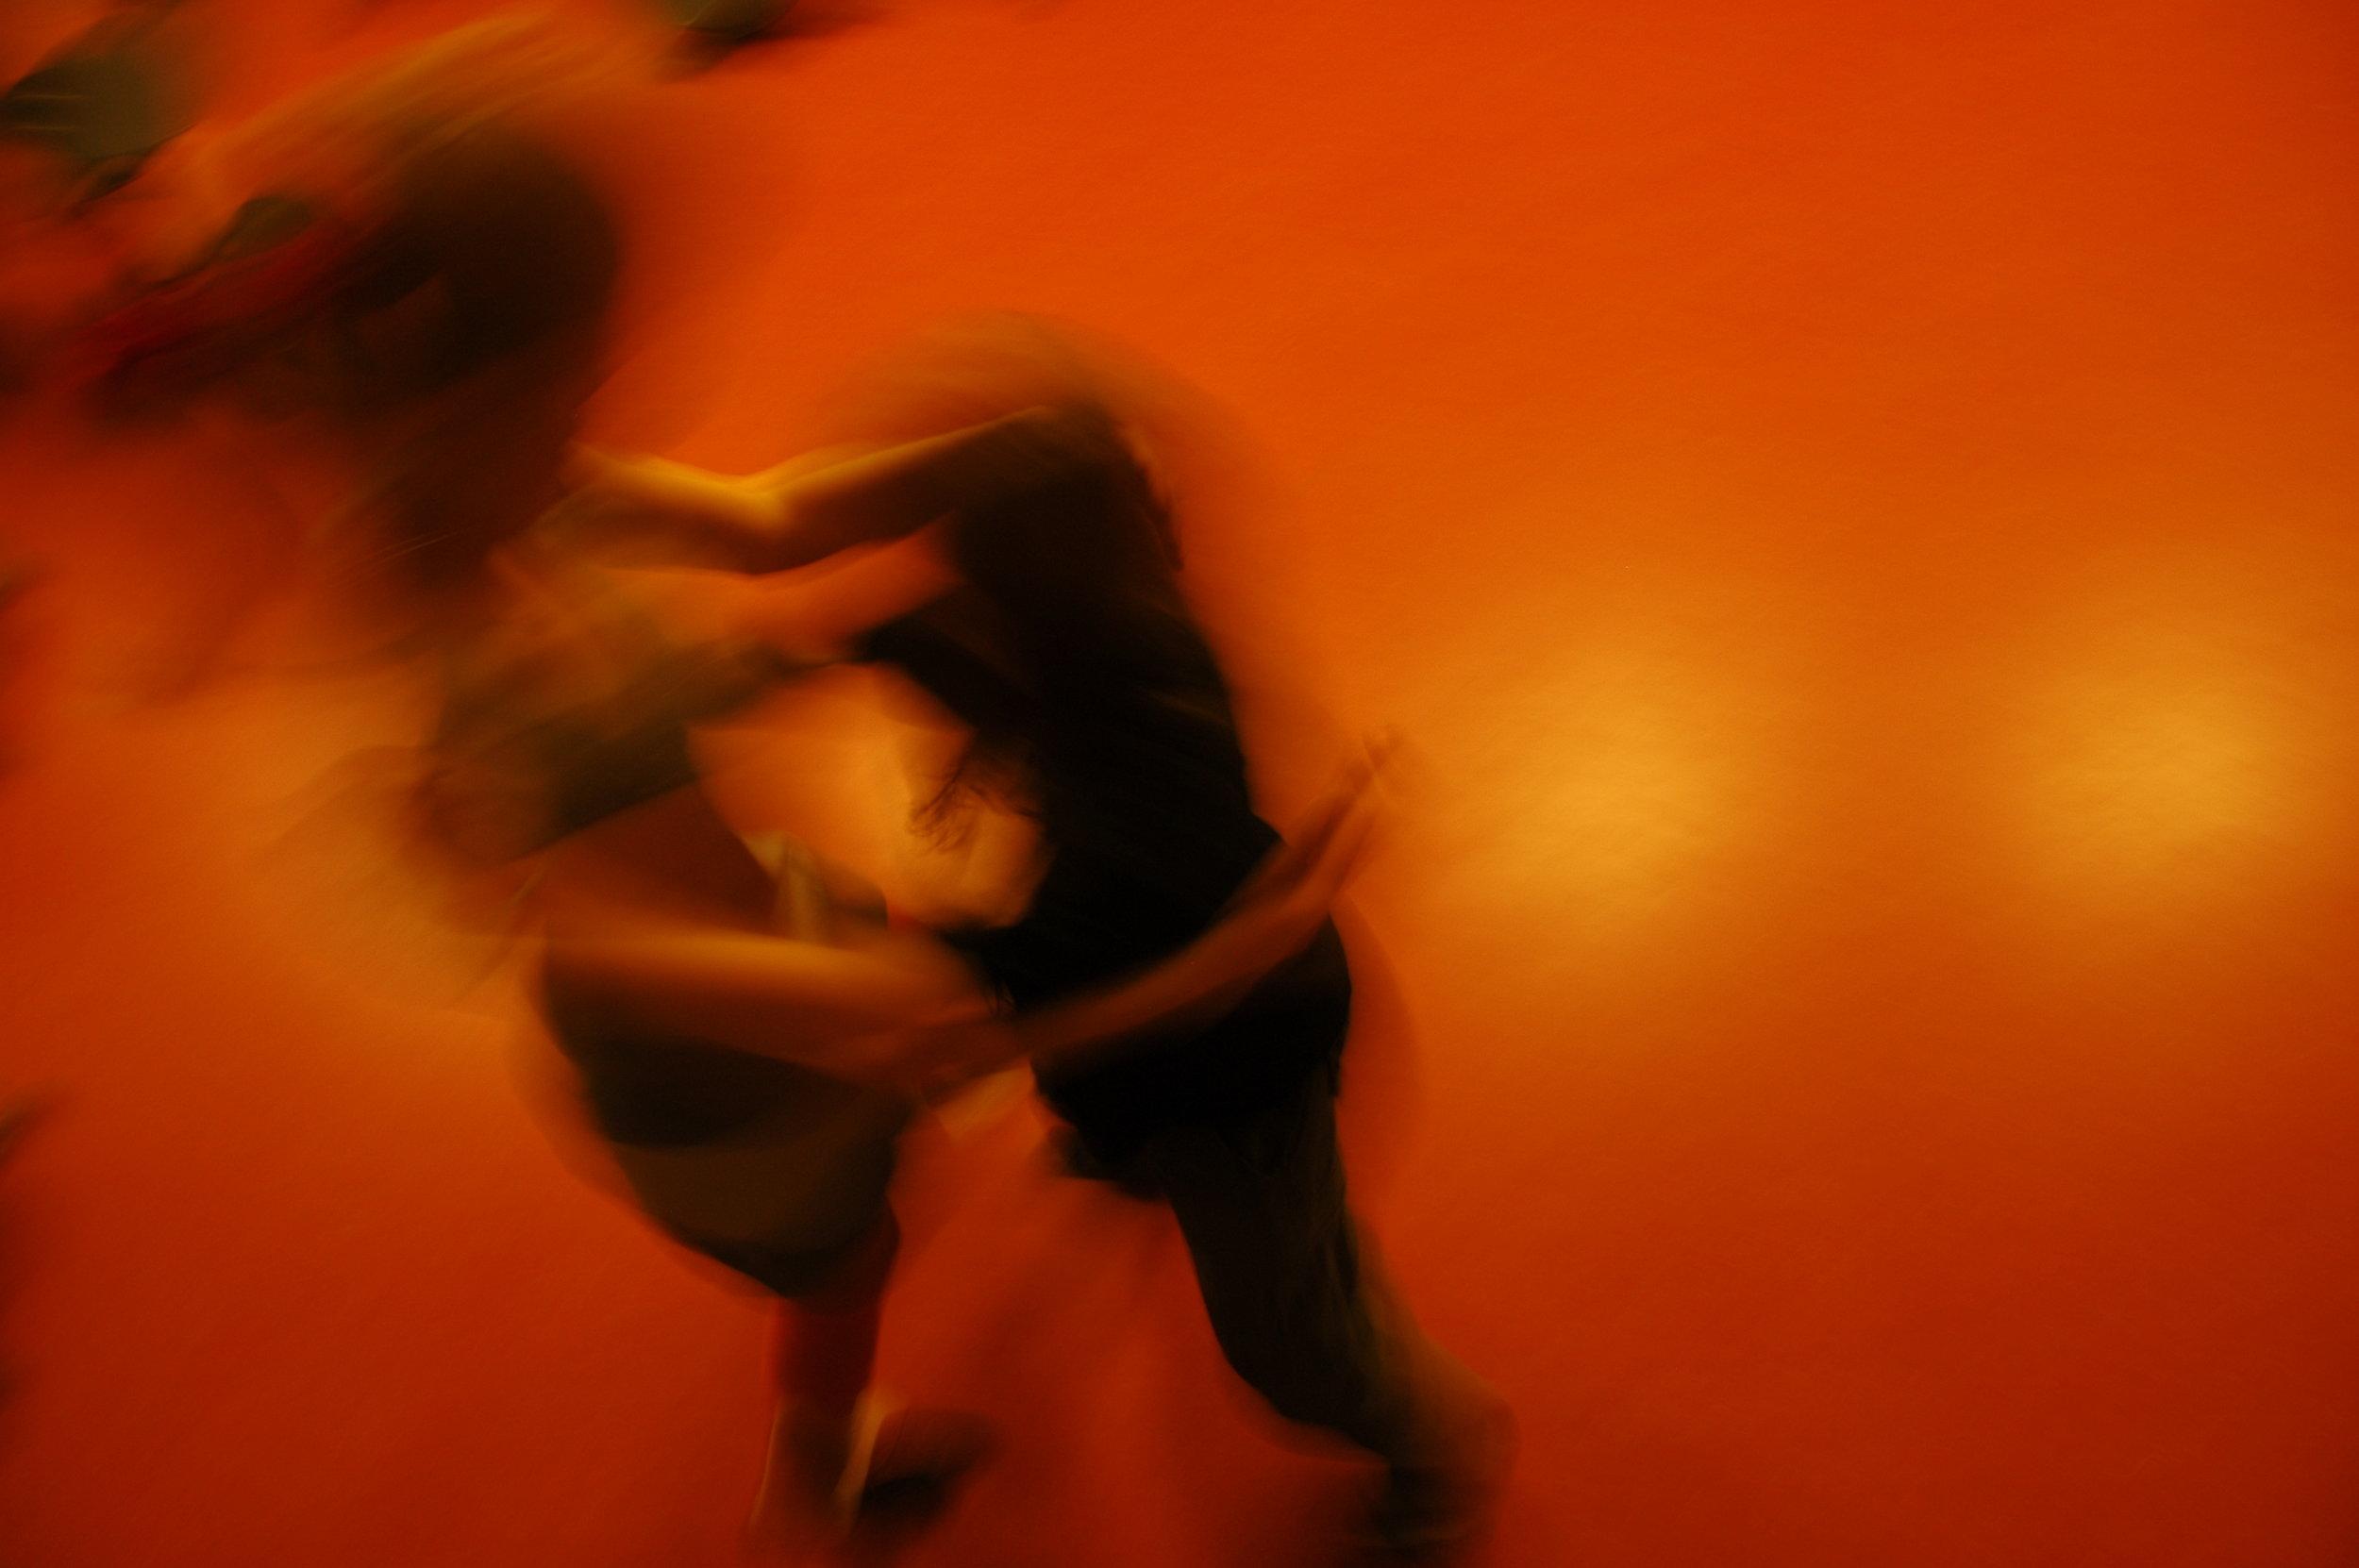 Velkommen_til_dansefest_på_Torpo_Foto_Rff-senteret.jpg